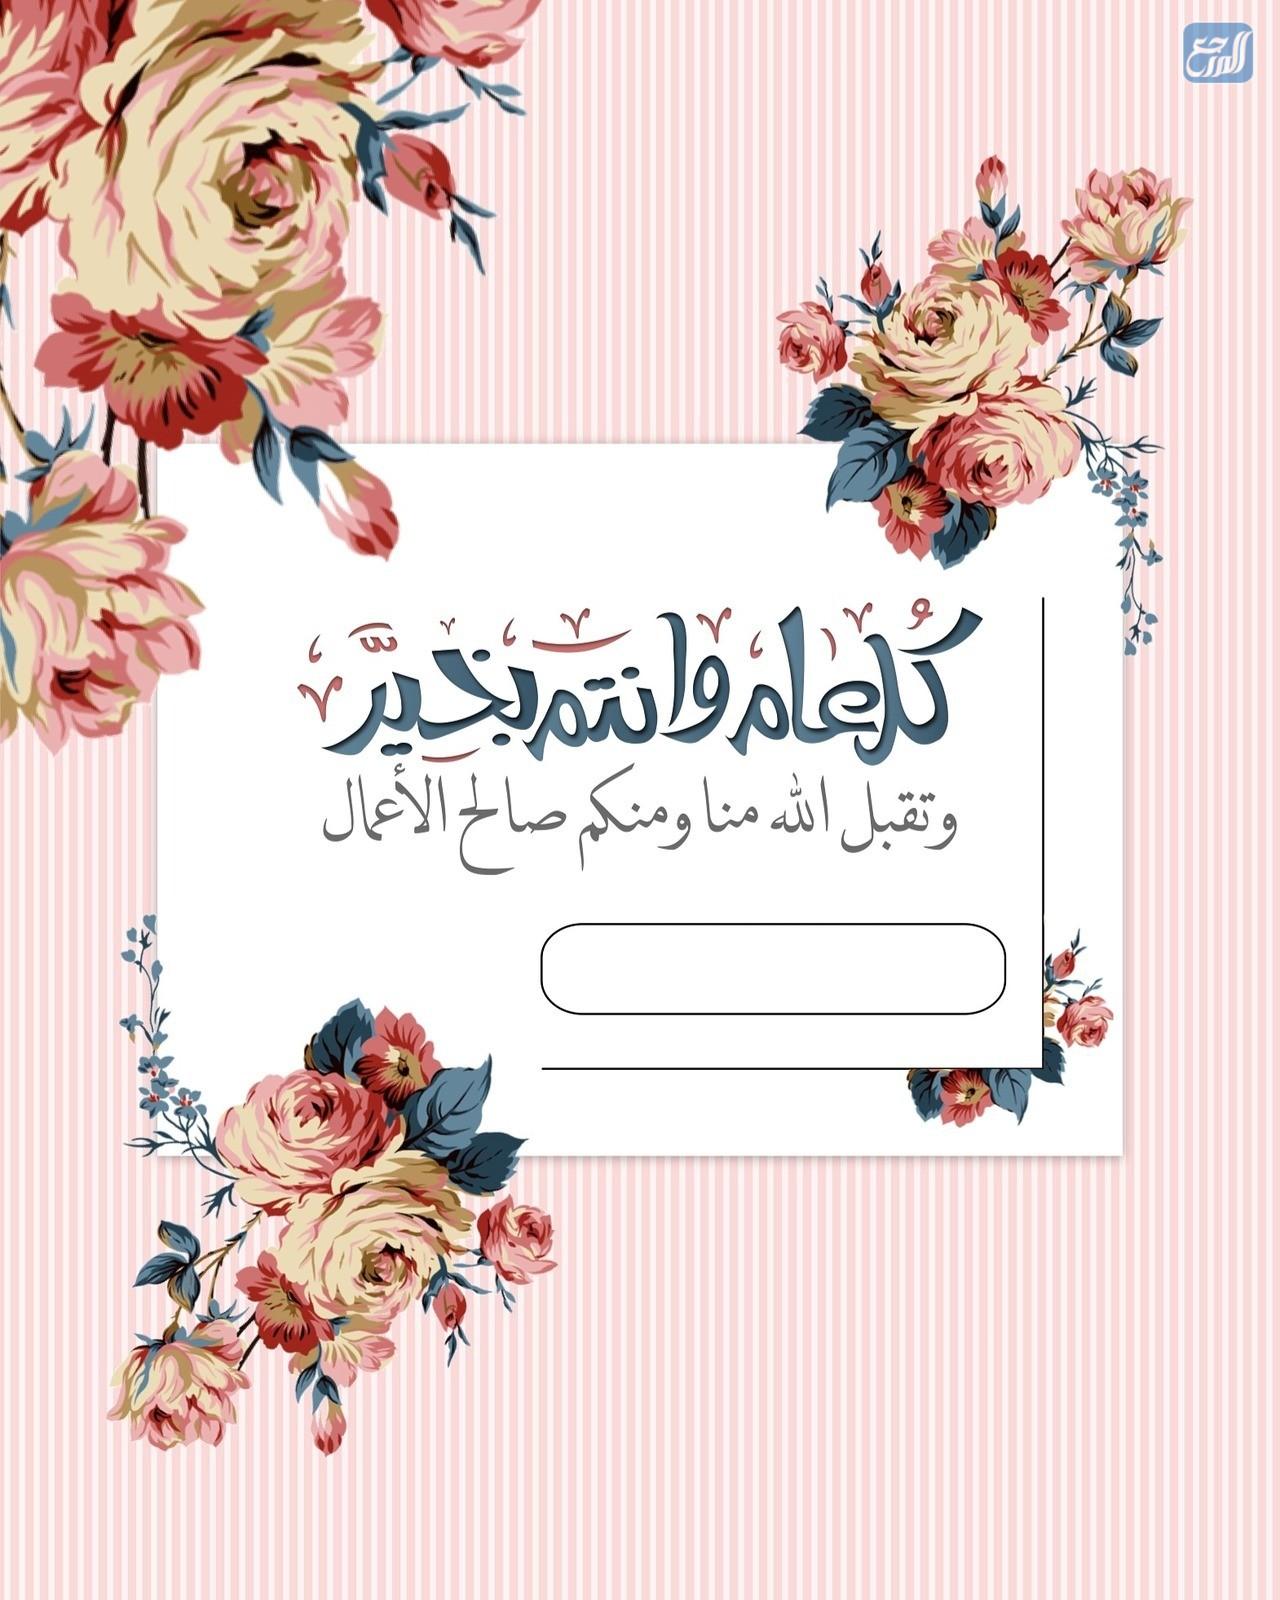 تصميم بطاقة تهنئة بالعيد الاضحى